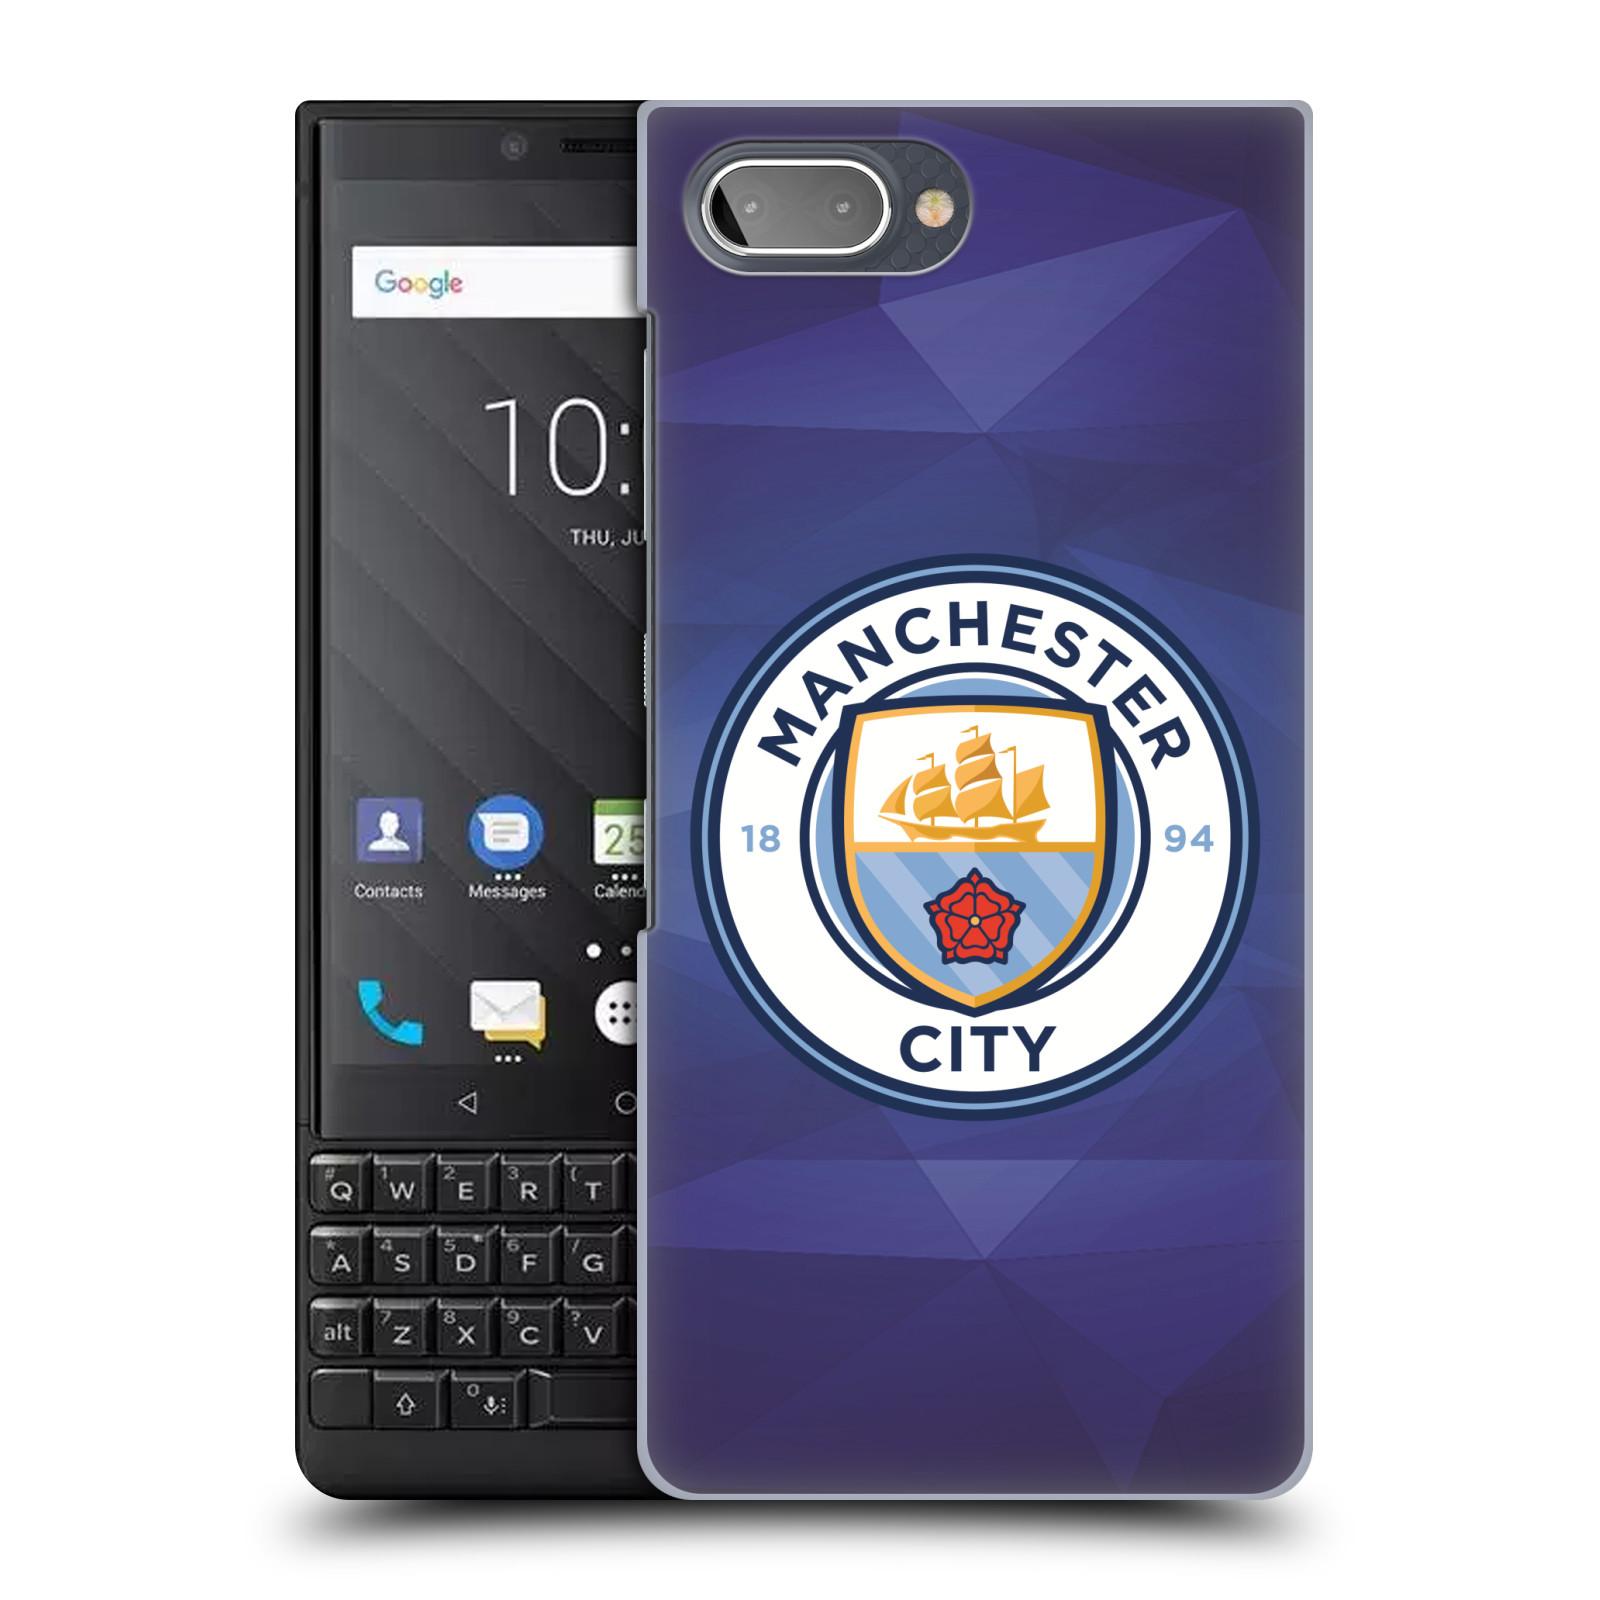 Plastové pouzdro na mobil Blackberry Key 2 - Head Case - Manchester City FC - Modré nové logo